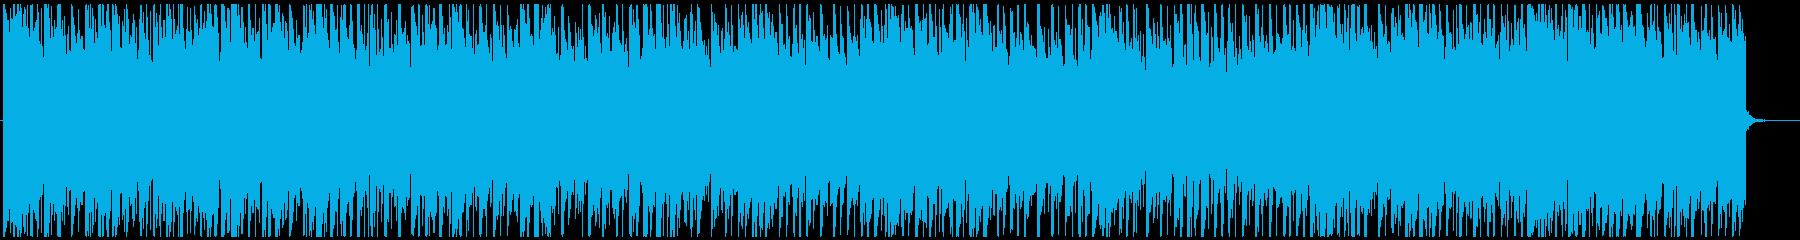 悲しげで切ないR&B HIPHOPの再生済みの波形